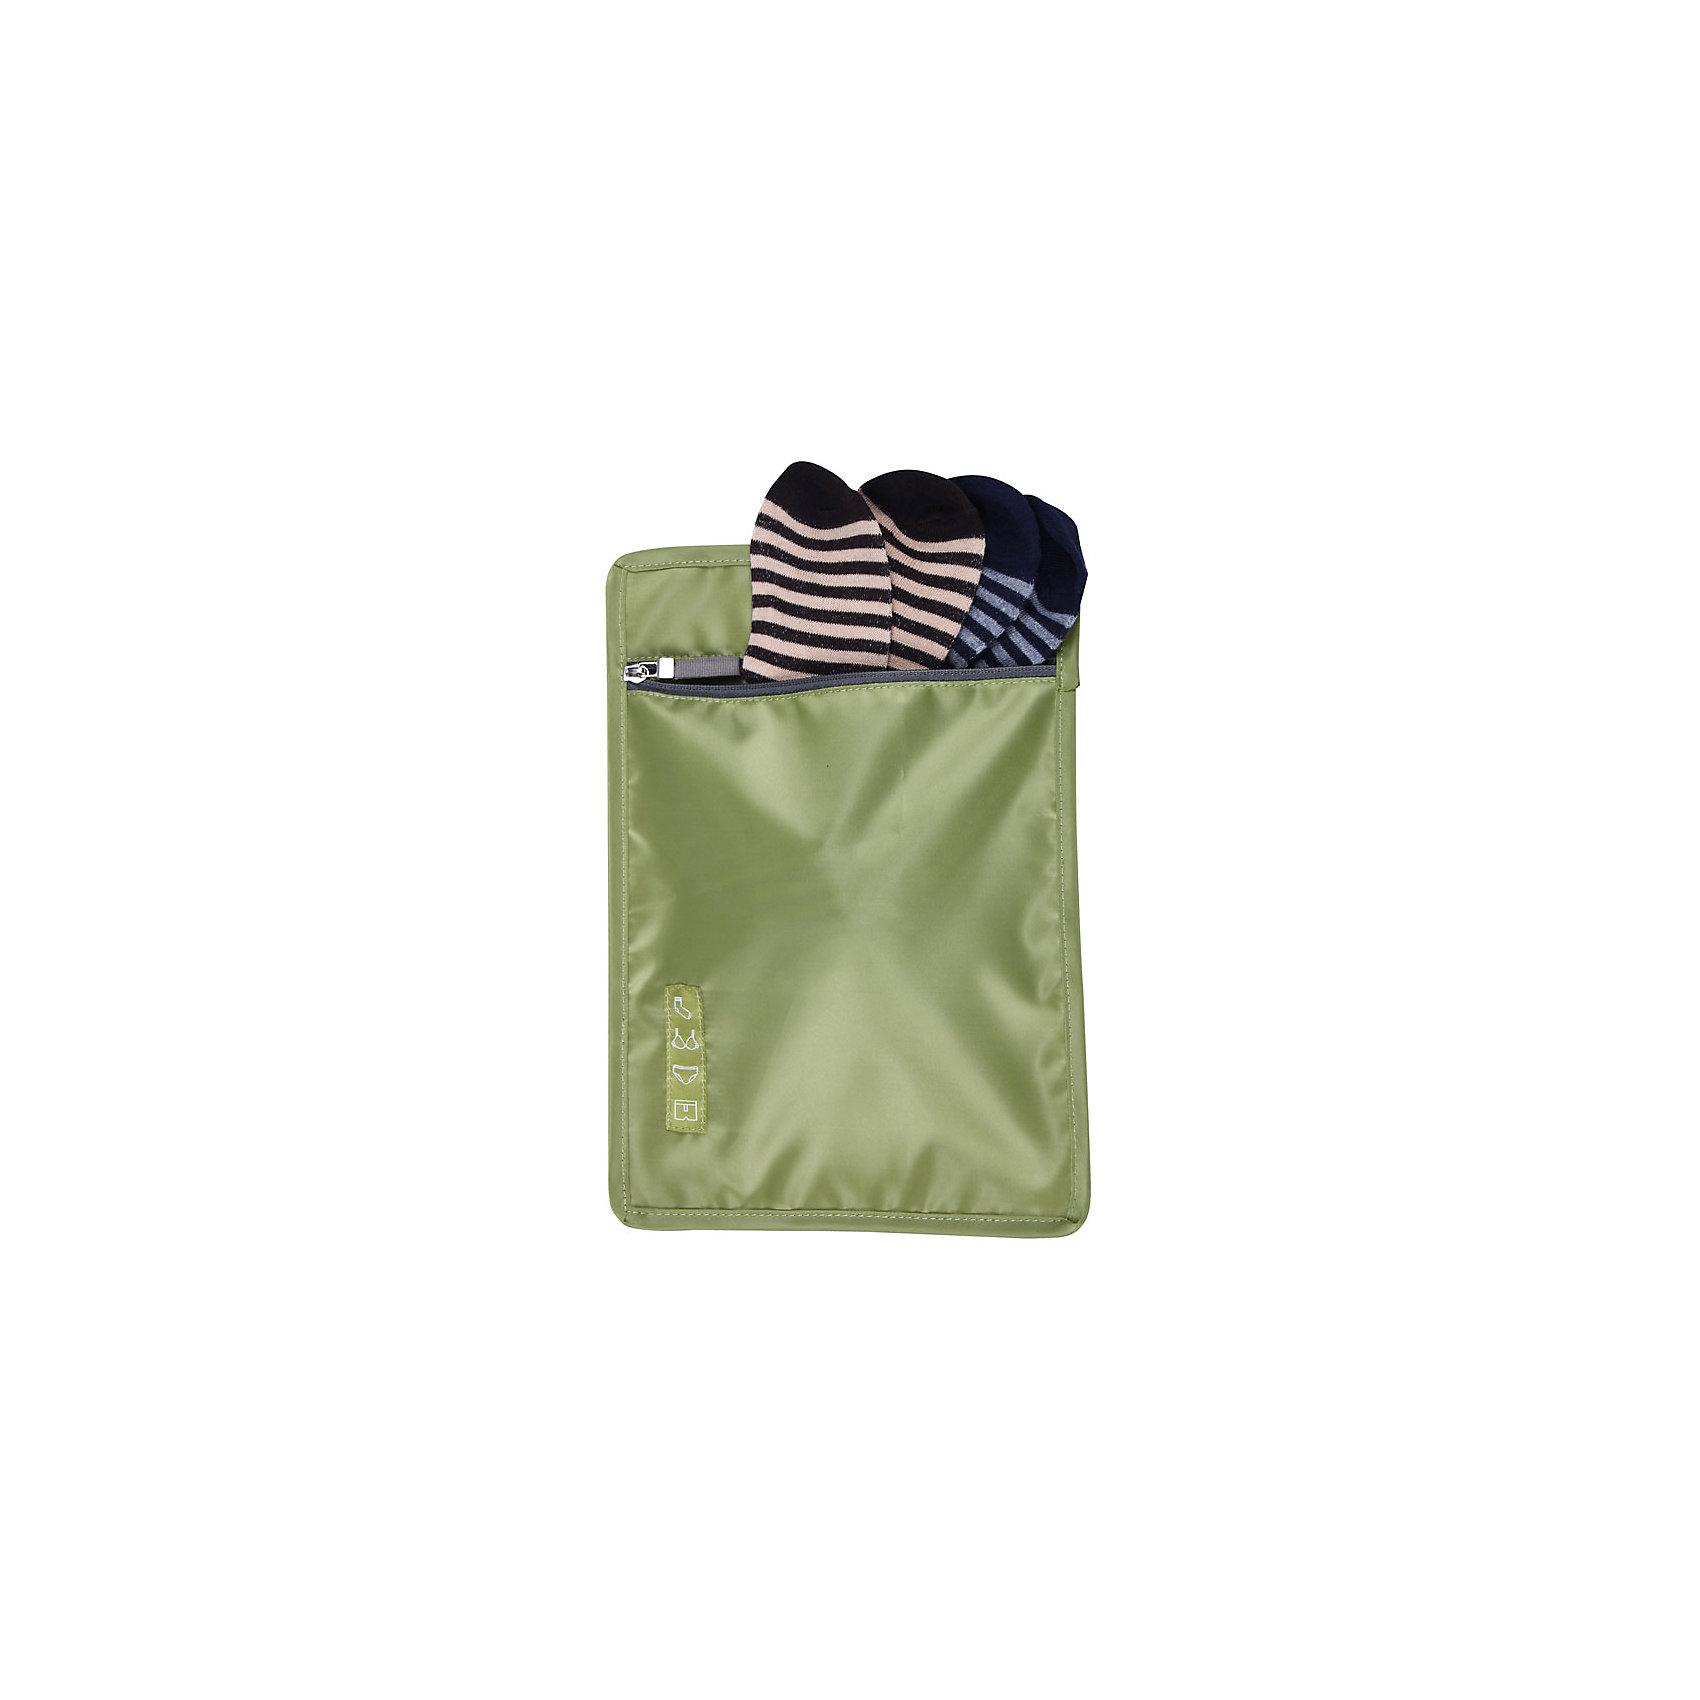 Чехол для носков дорожный, SO307, 23x32.5CM, Рыжий КотПорядок в детской<br>Компактно уложить вещи в дорожную сумку поможет чехол. Носки не будут разбросаны, не растеряются, их можно будет быстро достать из чемодана. Чехол застегивается на молнию, защищает изделия от пыли и загрязнений. Чехол можно стирать.  <br><br>Дополнительная информация:<br><br>Размер: 23х32,5 см<br>Материал: полиэстер (водонепроницаемый, 230T)<br><br>ВНИМАНИЕ! Данный артикул имеется в наличии в разных цветовых исполнениях. К сожалению, заранее выбрать определенный цвет невозможно.<br><br>Чехол для носков дорожный, SO307, 23x32.5CM, Рыжий Кот можно купить в нашем интернет-магазине.<br><br>Ширина мм: 270<br>Глубина мм: 200<br>Высота мм: 10<br>Вес г: 38<br>Возраст от месяцев: 36<br>Возраст до месяцев: 1080<br>Пол: Унисекс<br>Возраст: Детский<br>SKU: 4989814